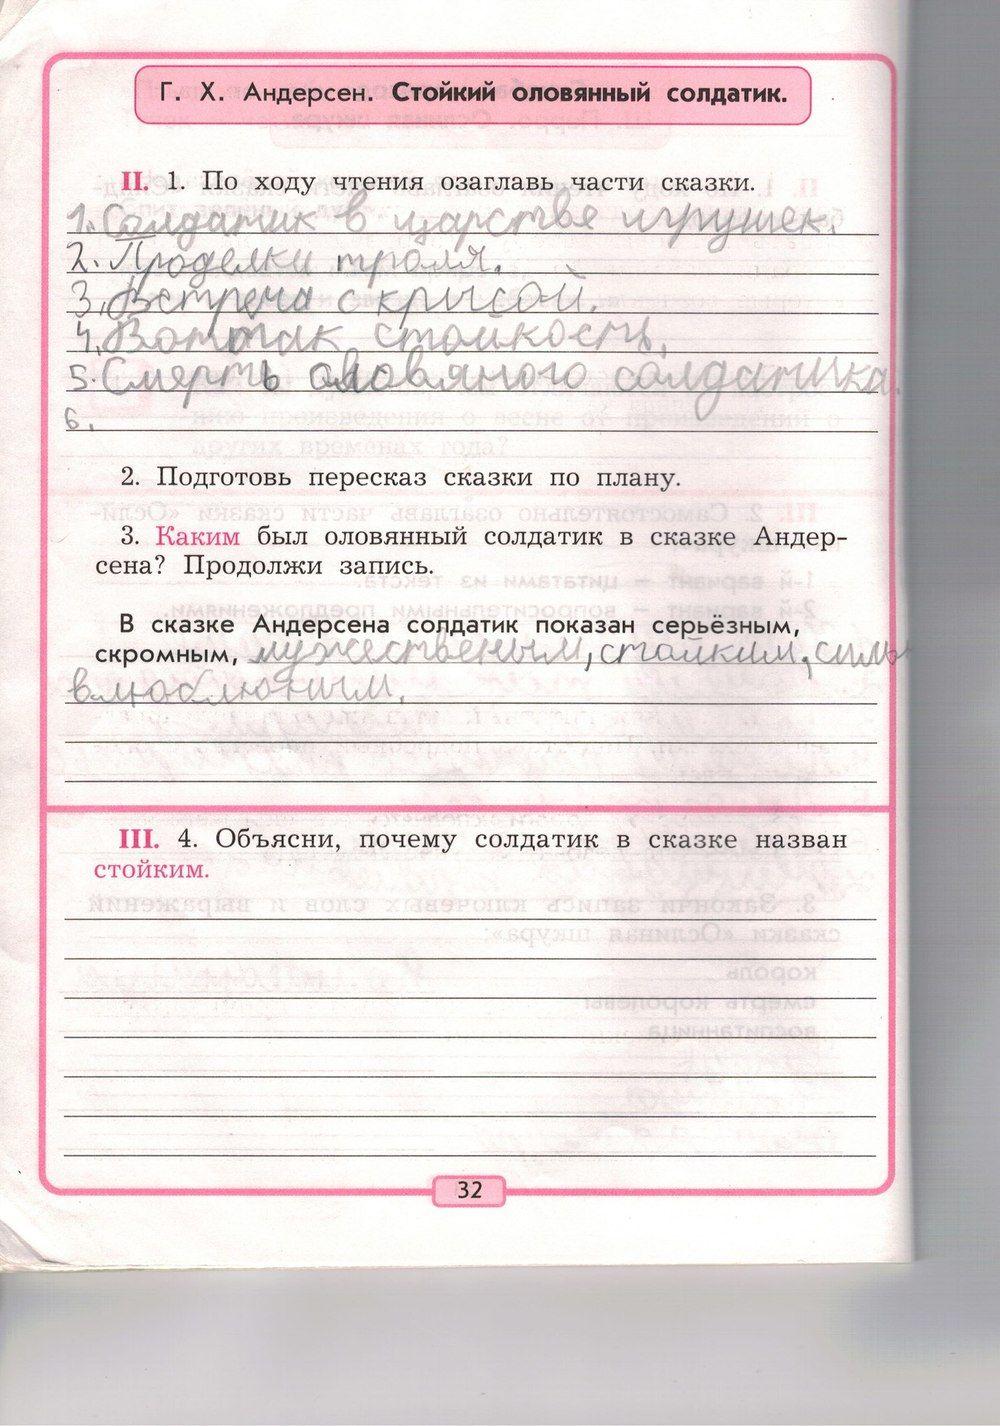 Решебник рабочая тетрадь по литературному чтению 3 класс бунеев ответы